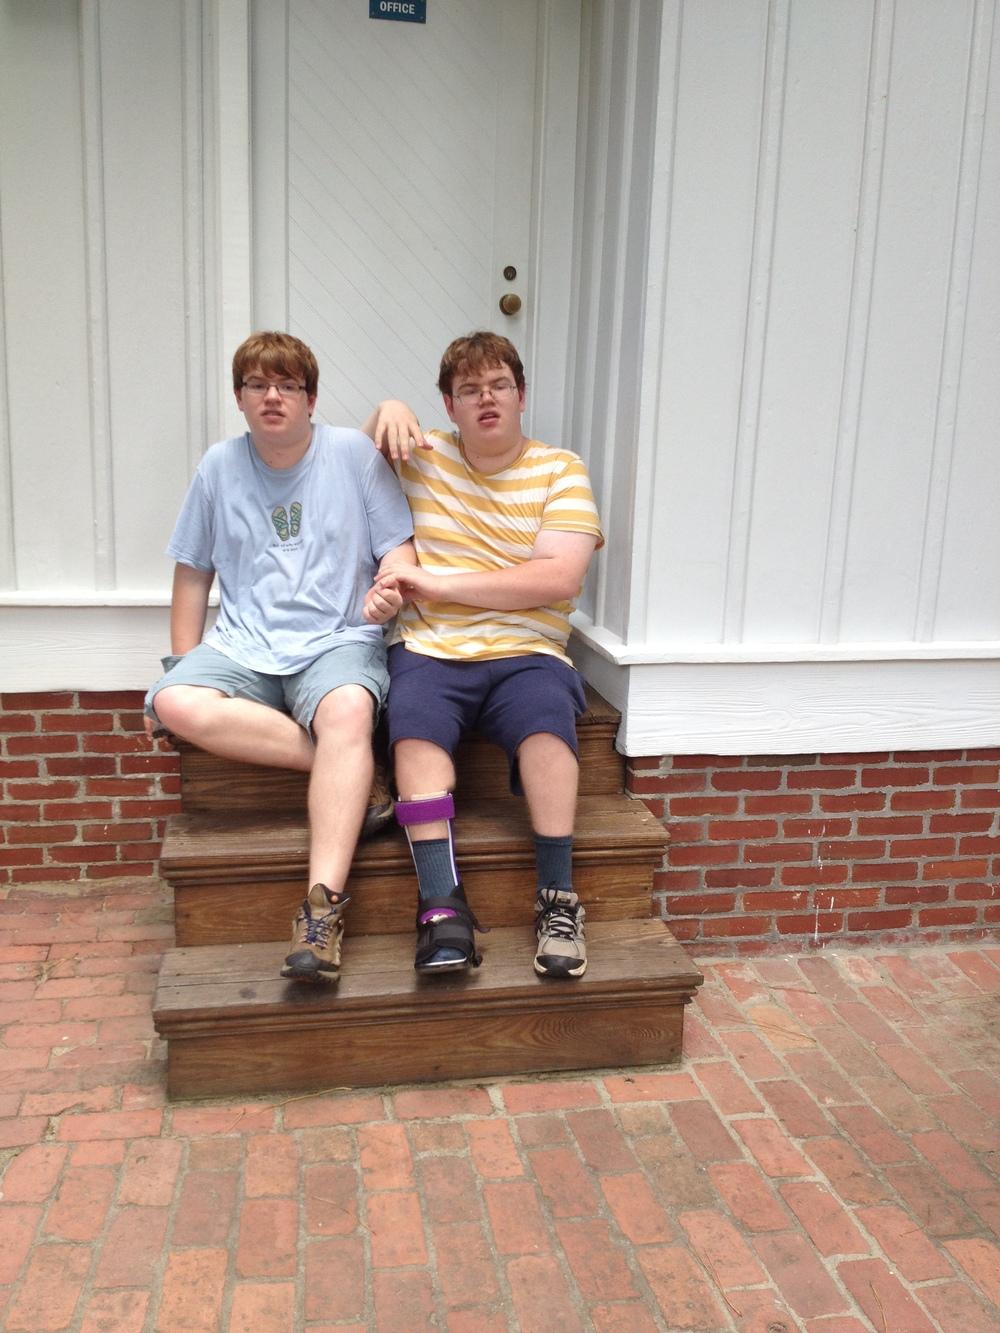 Zachary & Ethan